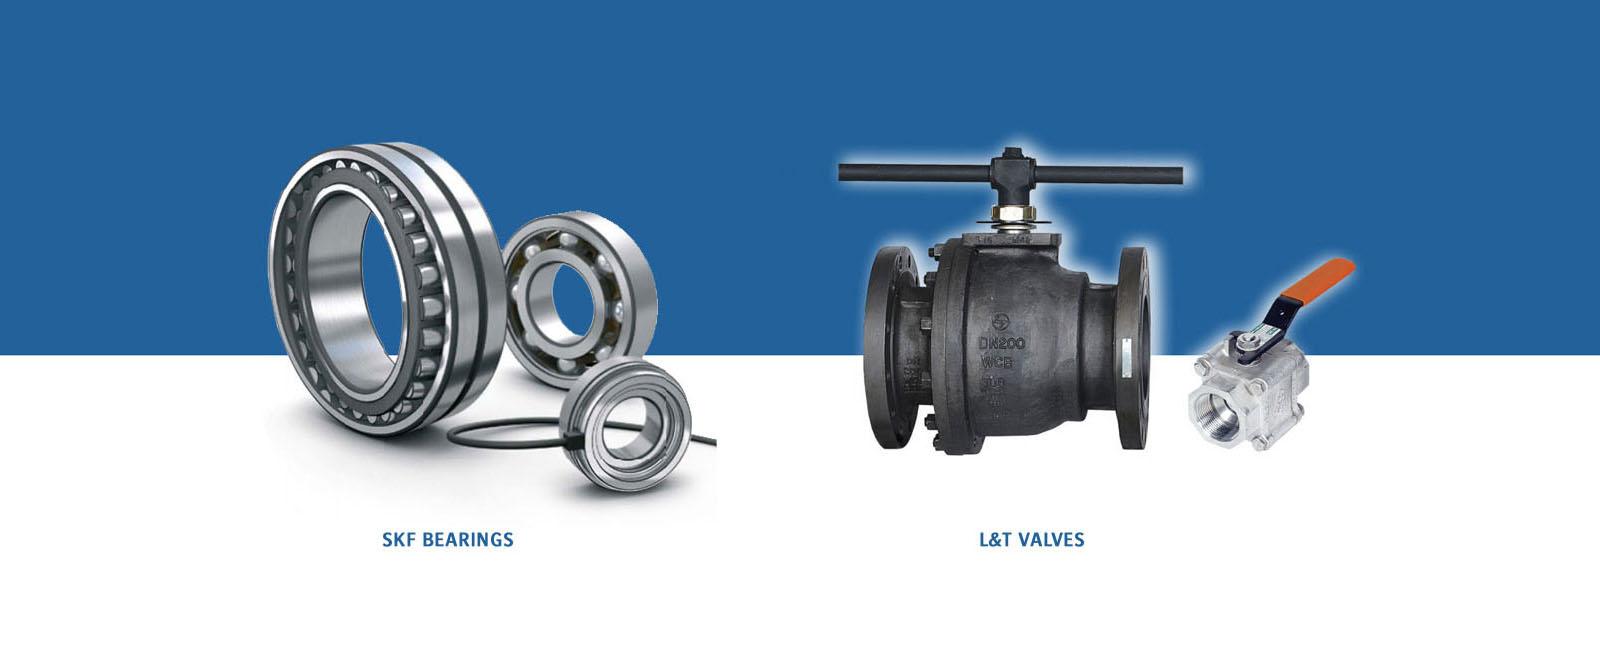 Rajdeep Industrial Products Pvt Ltd